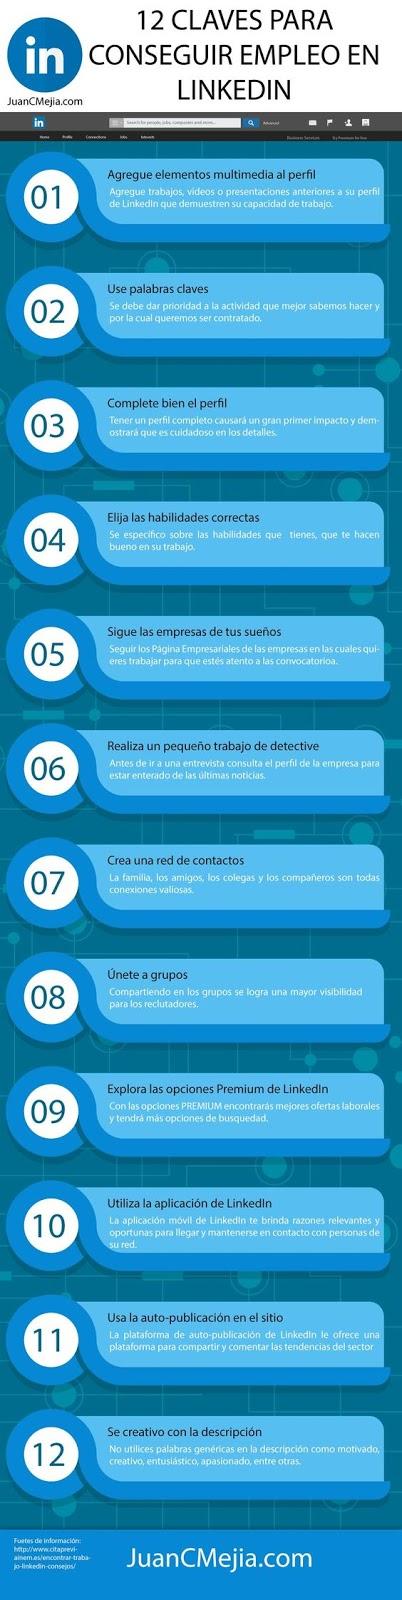 12 claves para conseguir empleo en Linkedin [Infografía]